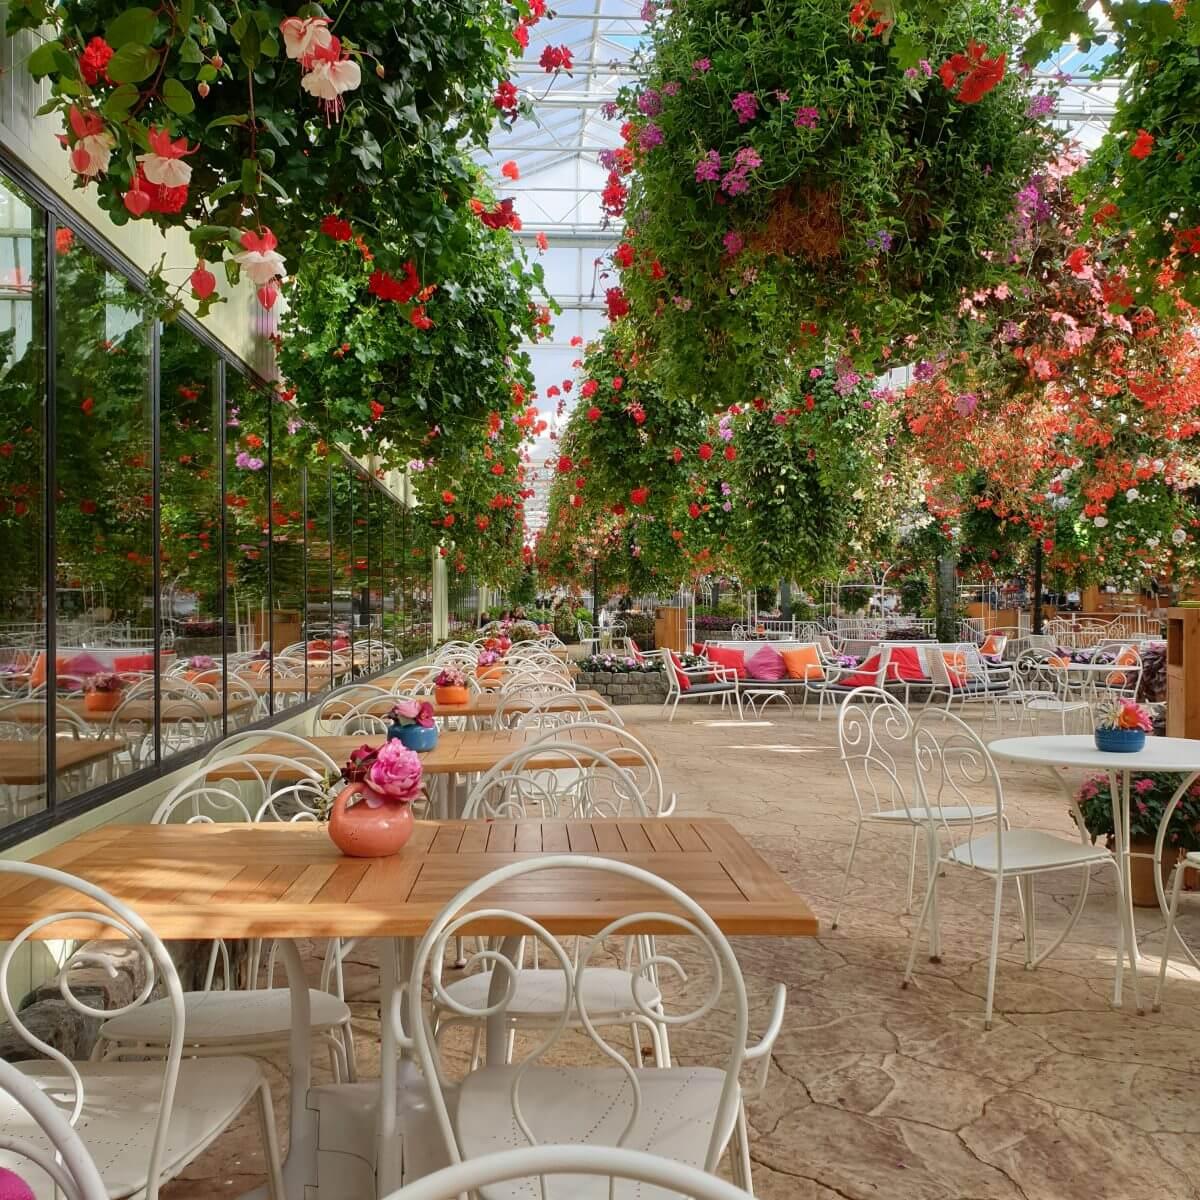 Binnen uitje met kinderen in Flevoland: de Orchideeënhoeve, met restaurantje